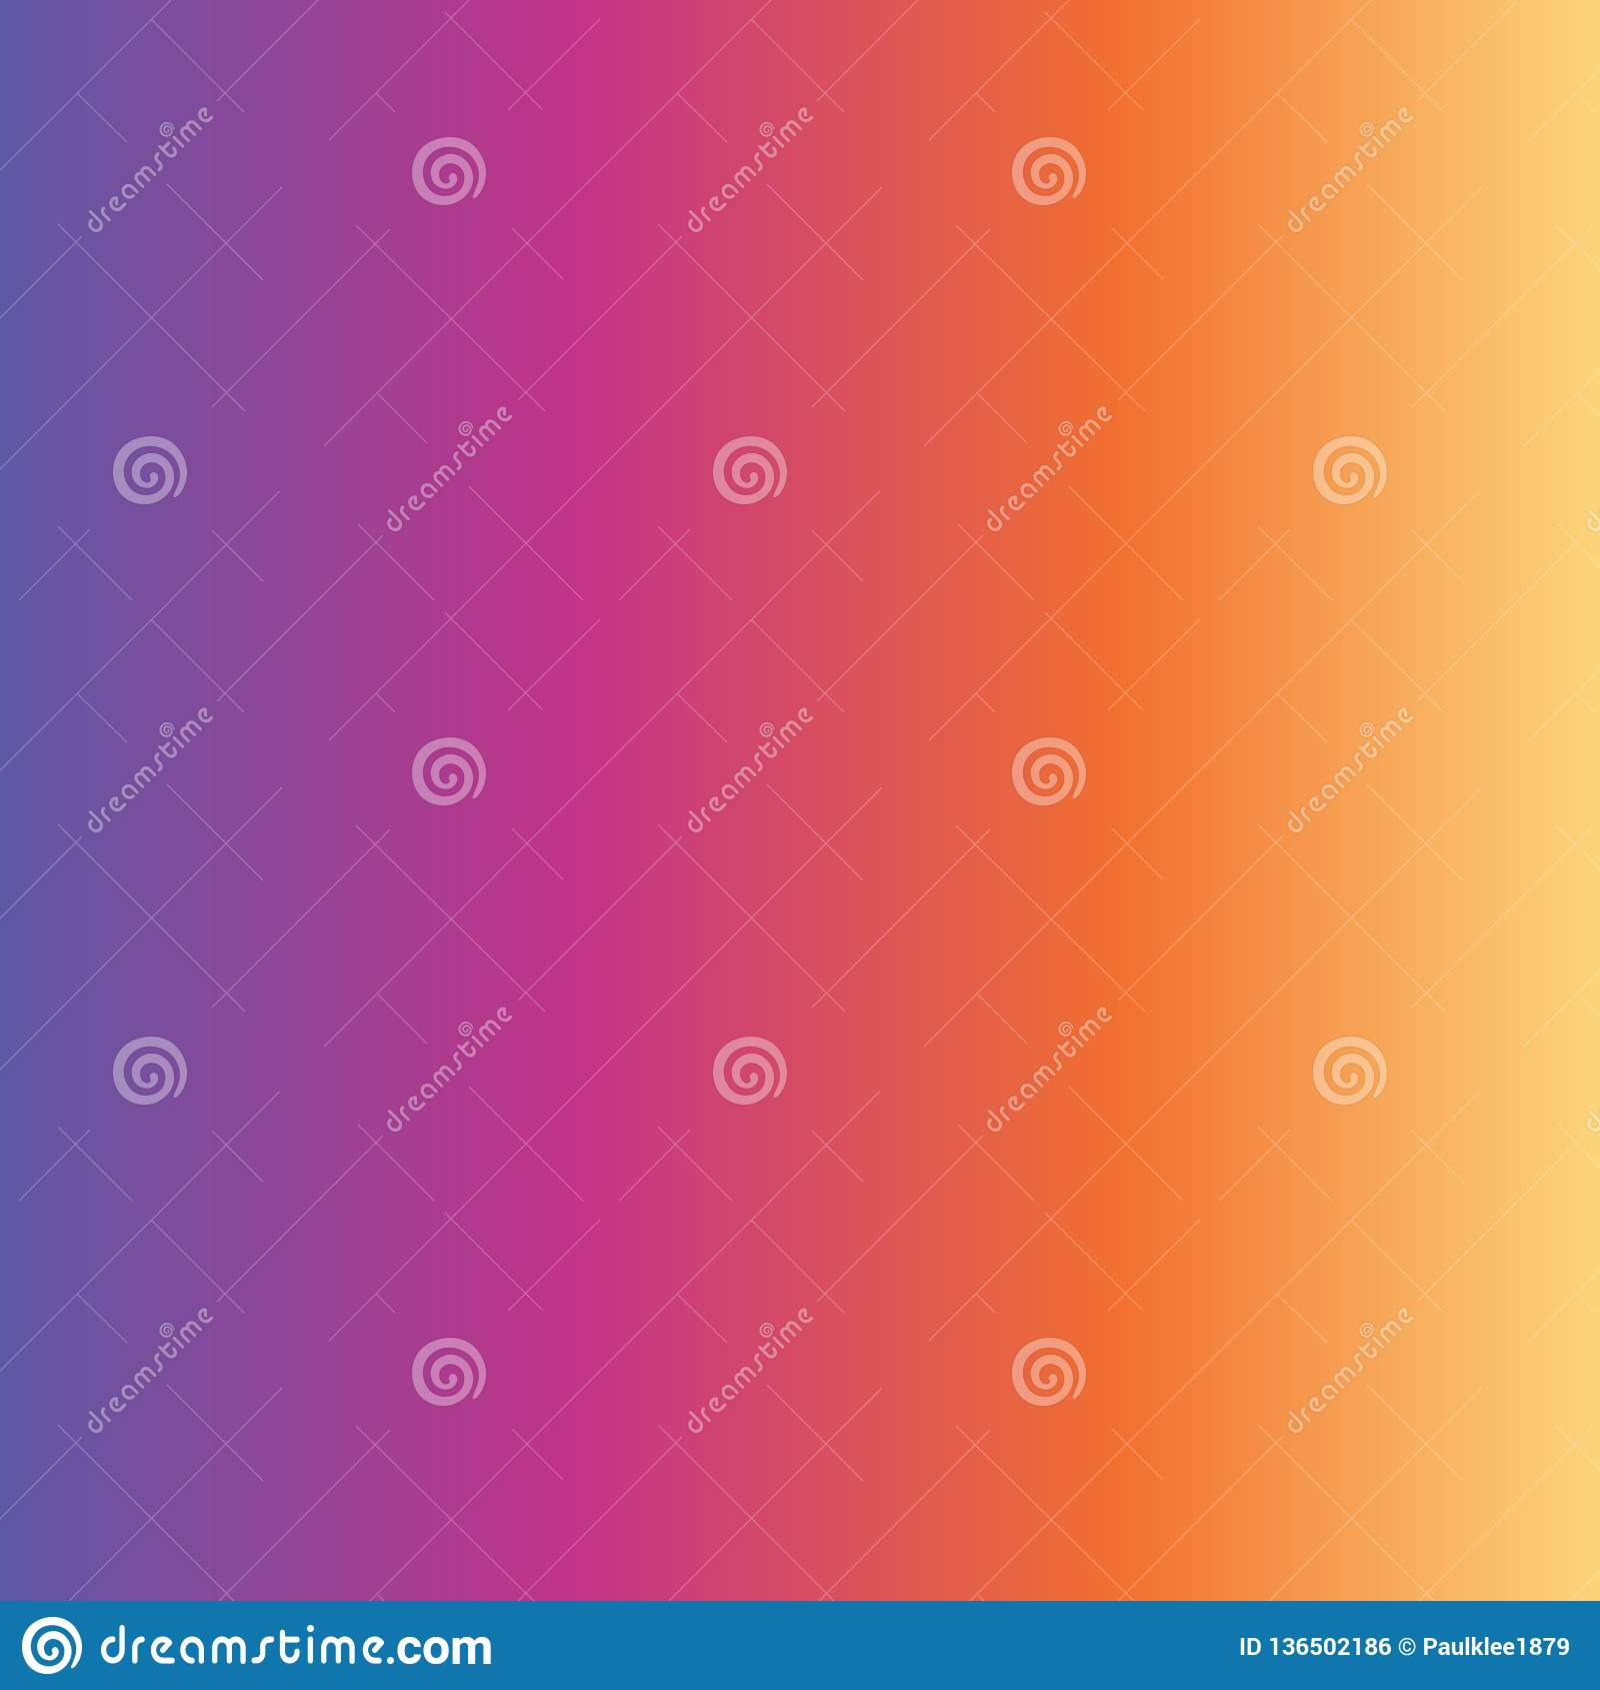 抽象梯度背景紫色桃红色橙黄色退色